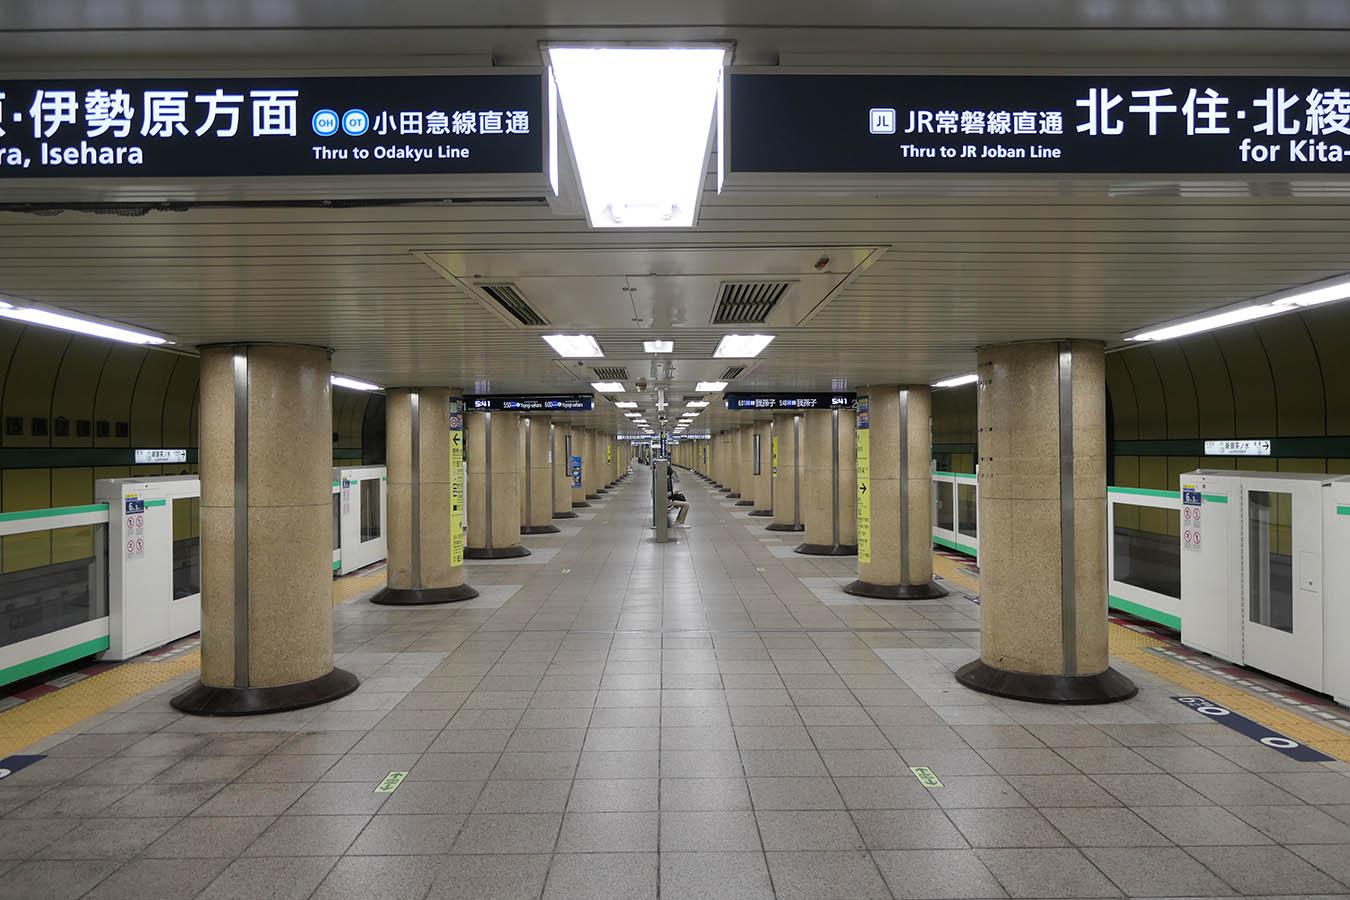 「千代田線ホーム エスカレーター」の画像検索結果